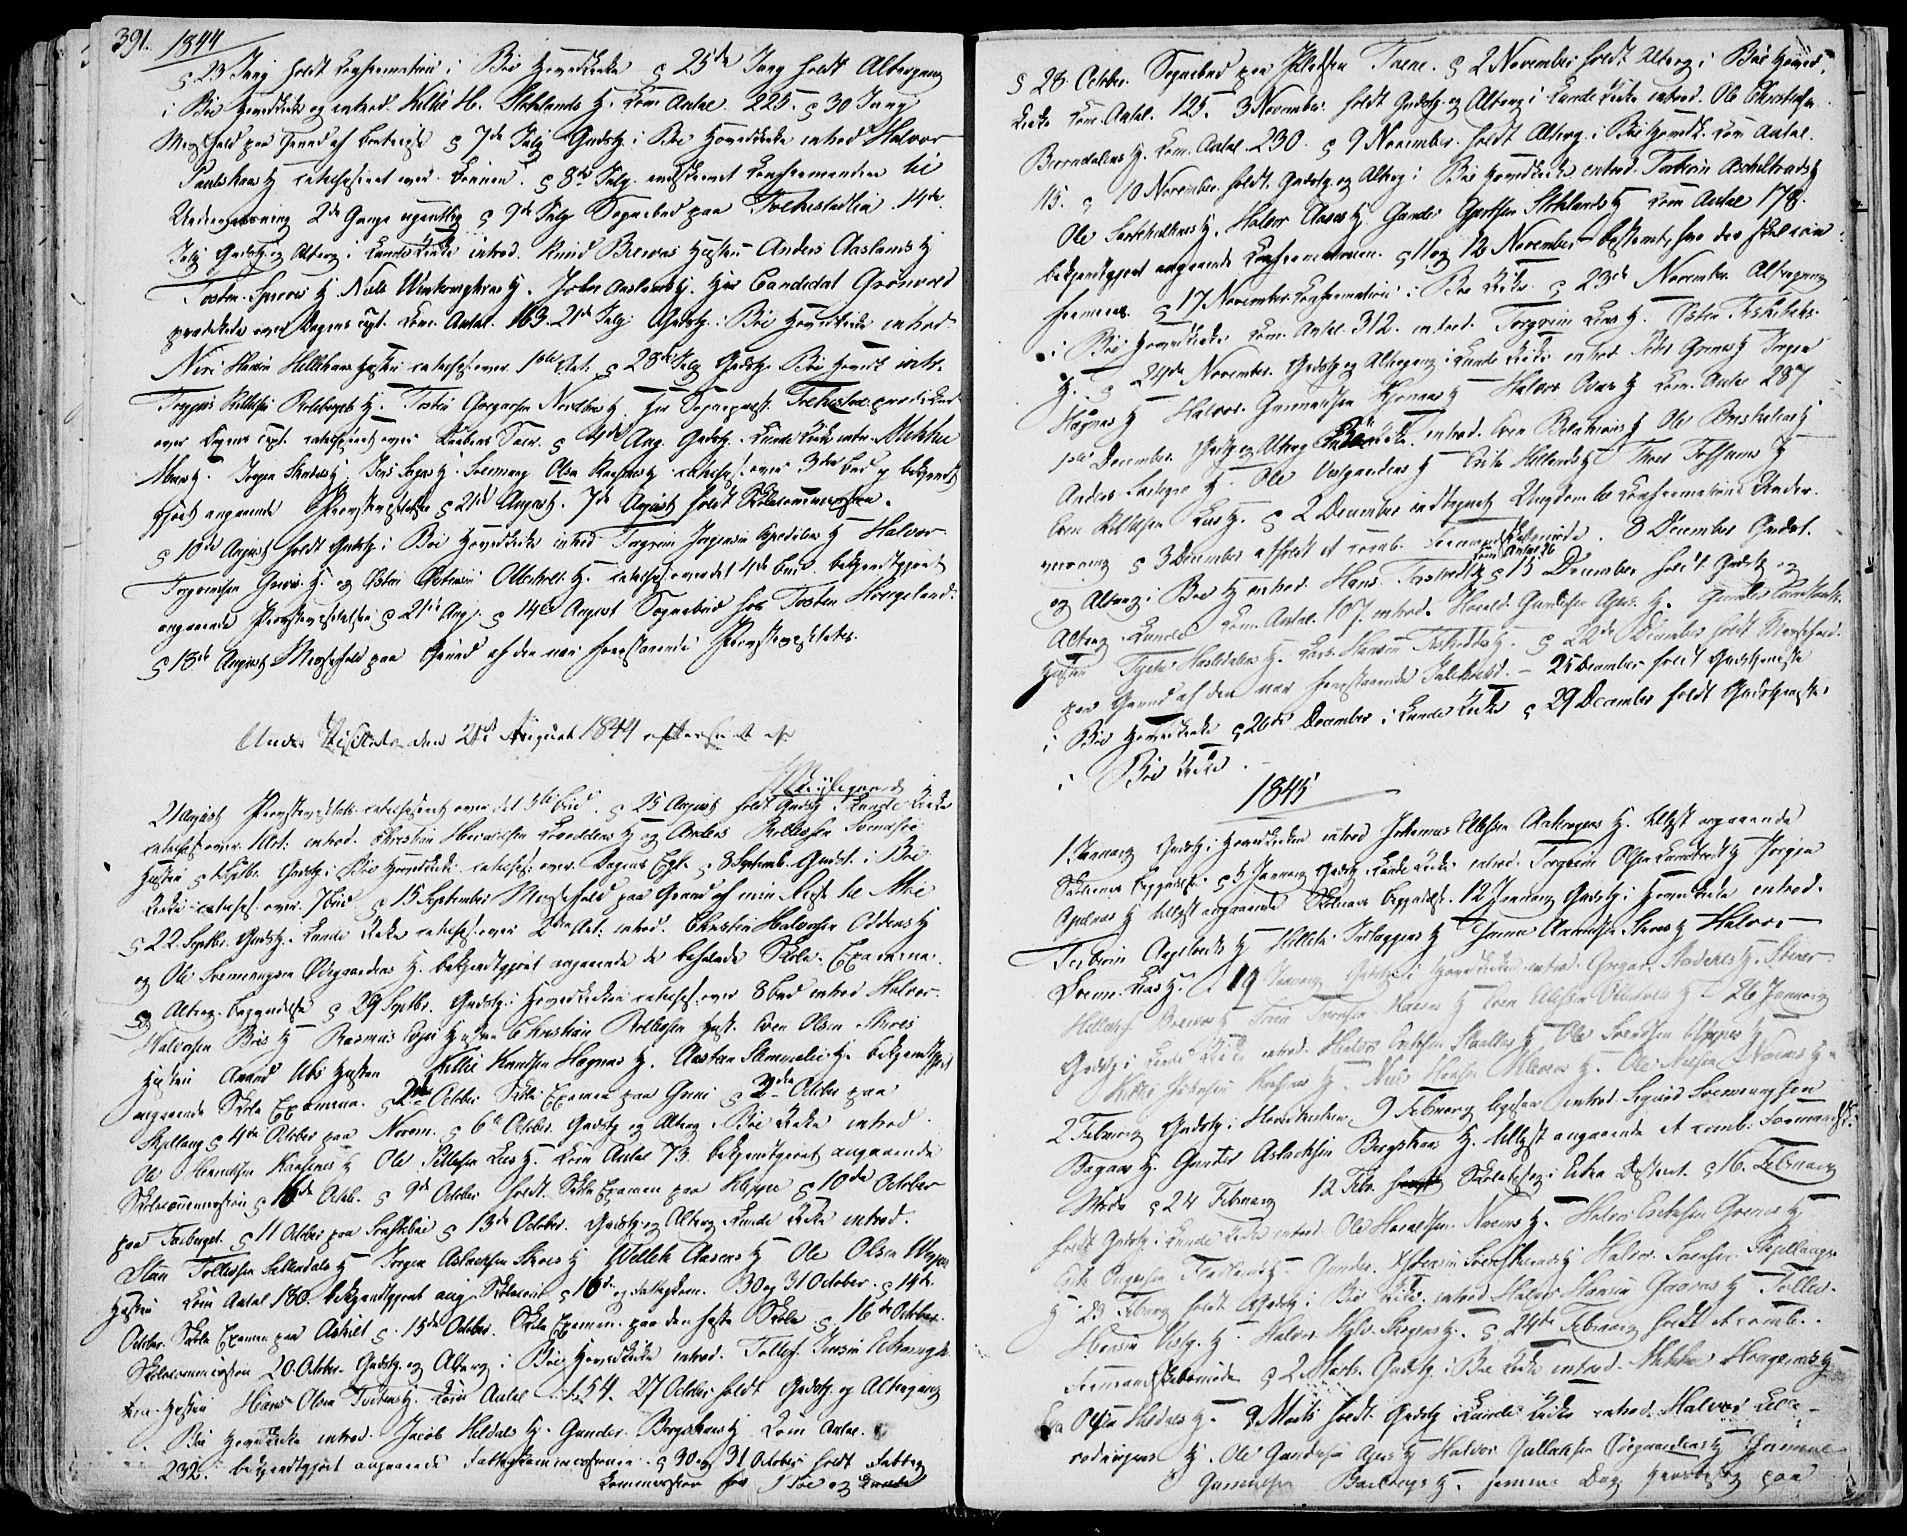 SAKO, Bø kirkebøker, F/Fa/L0007: Ministerialbok nr. 7, 1831-1848, s. 391